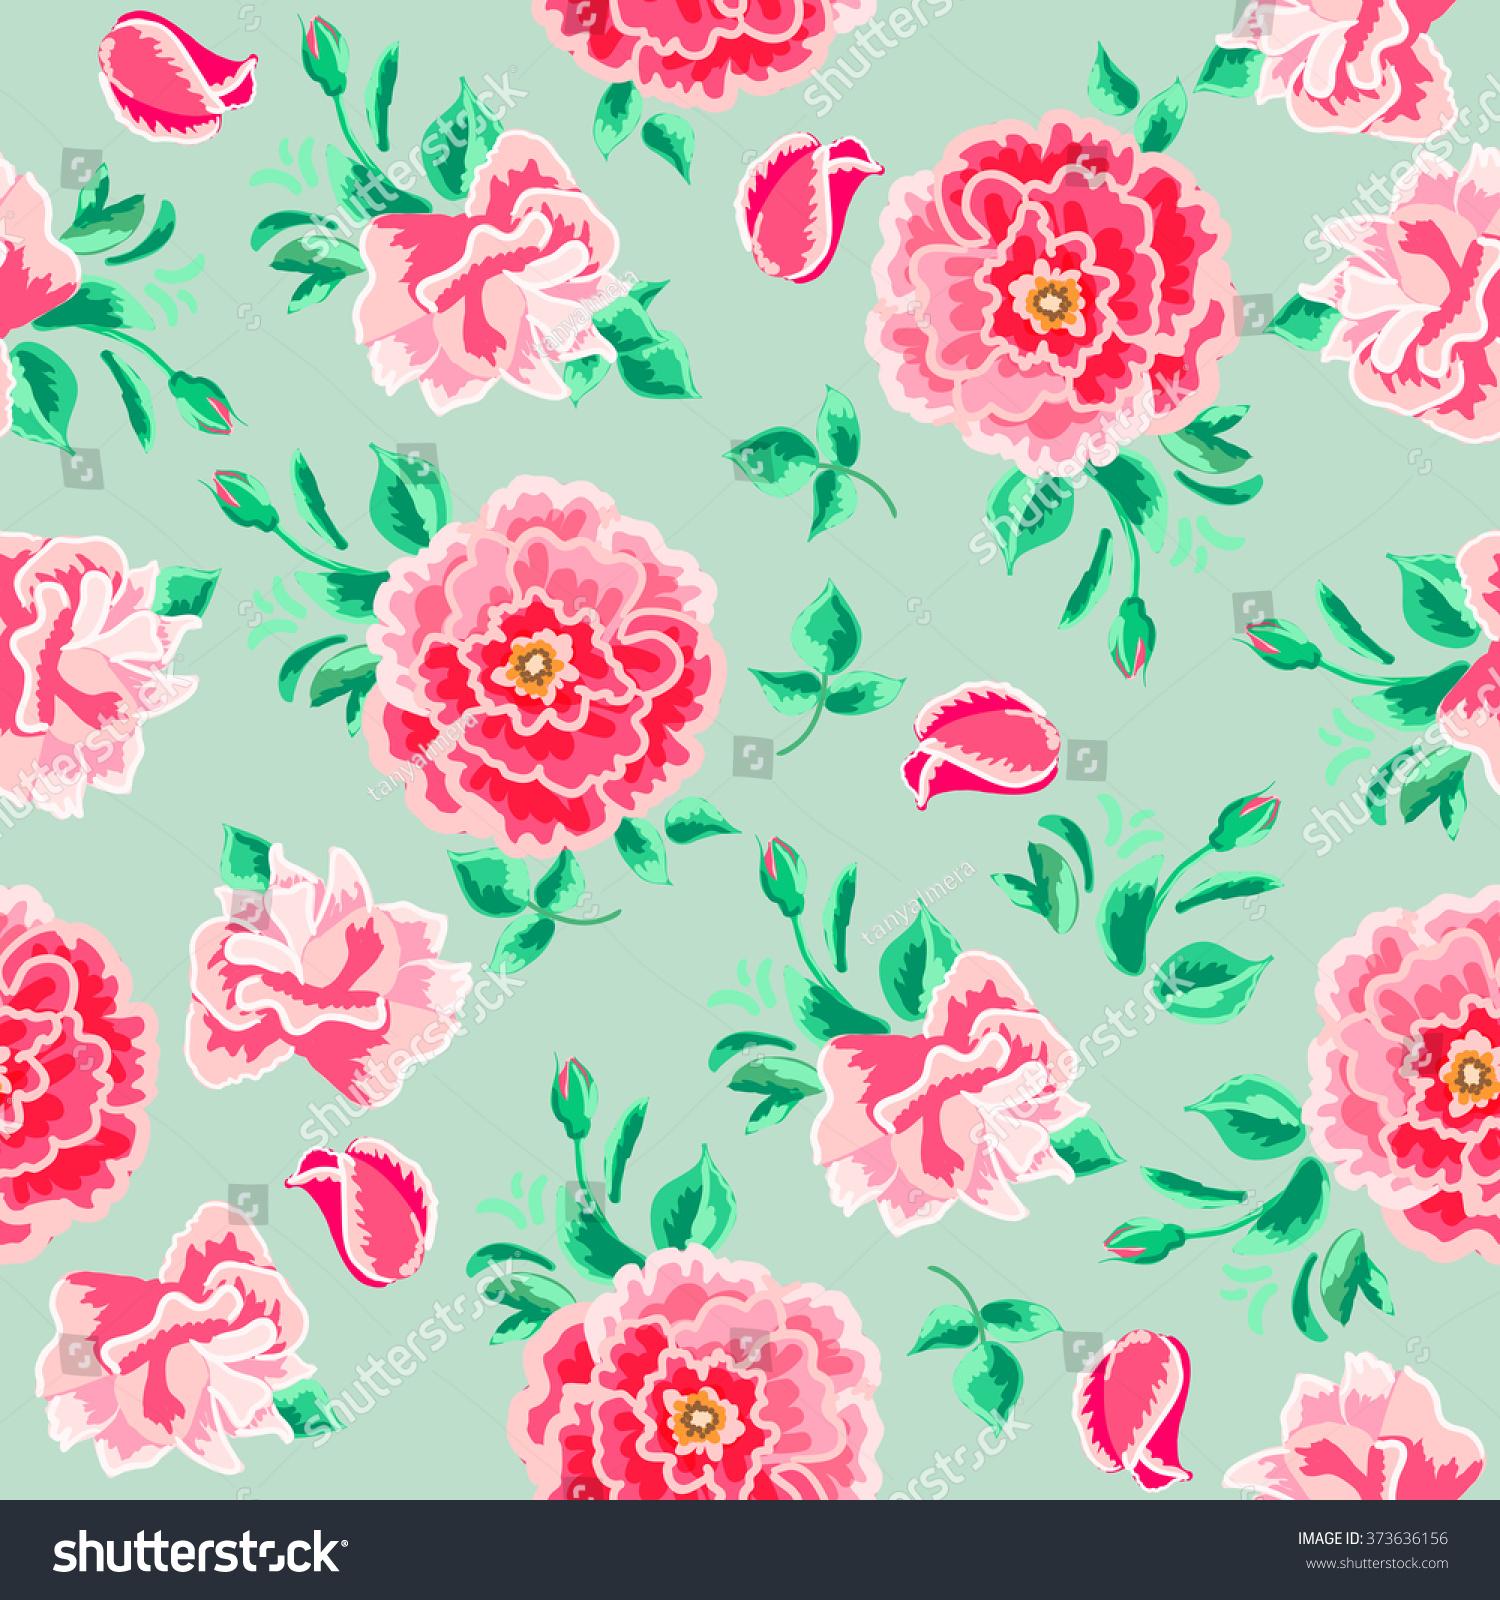 Floral Print Desktop Background